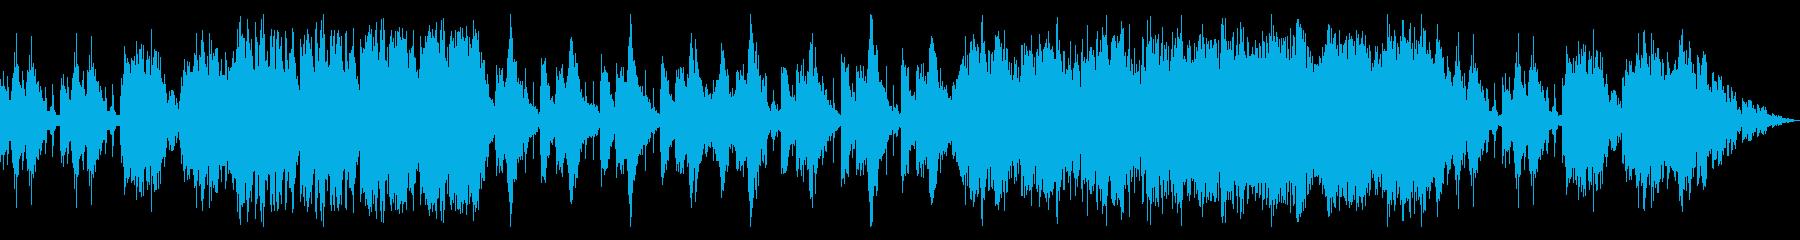 太鼓と打楽器のアンサンブルの再生済みの波形